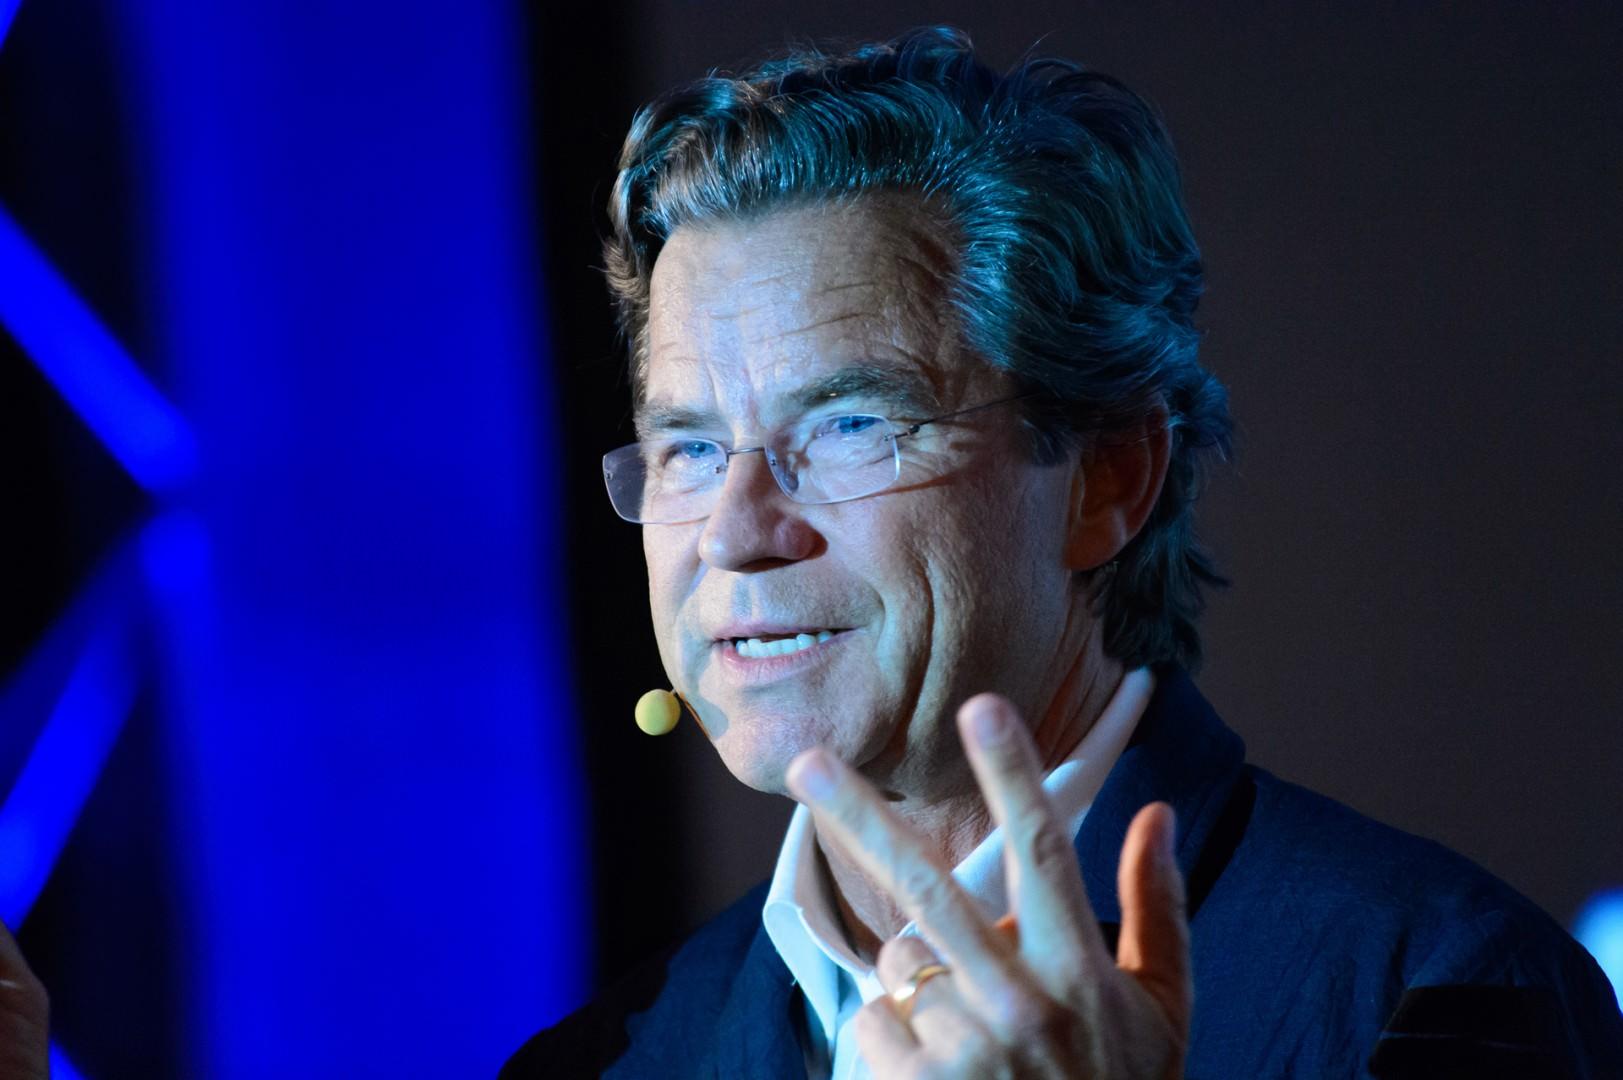 Dr. Florian Langenscheidt spricht auf dem Kongress Starke Worte